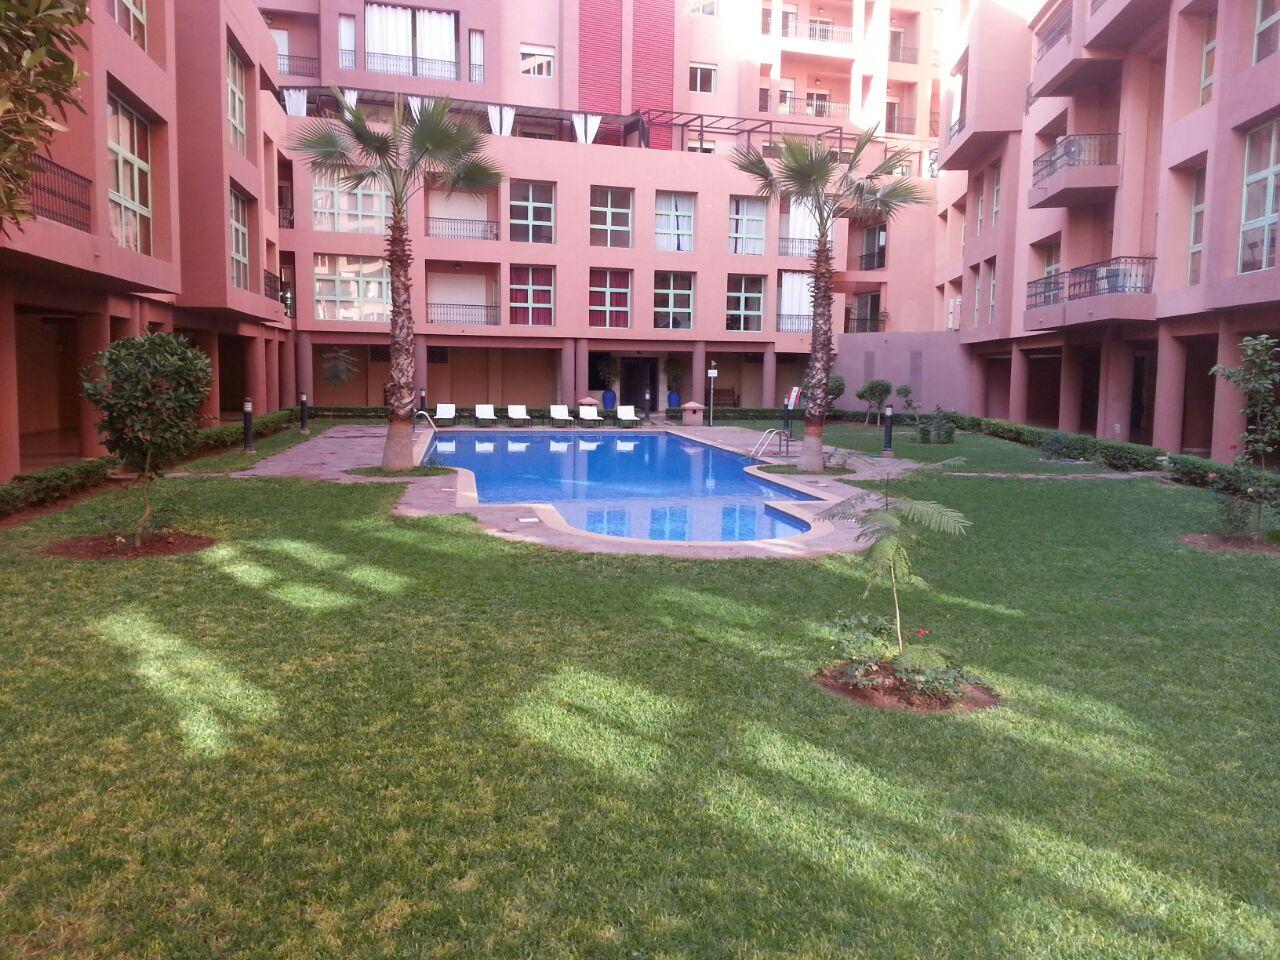 Duplex appartement marrakech majorelle marroc partir de - Residence les jardins de majorelle marrakech ...